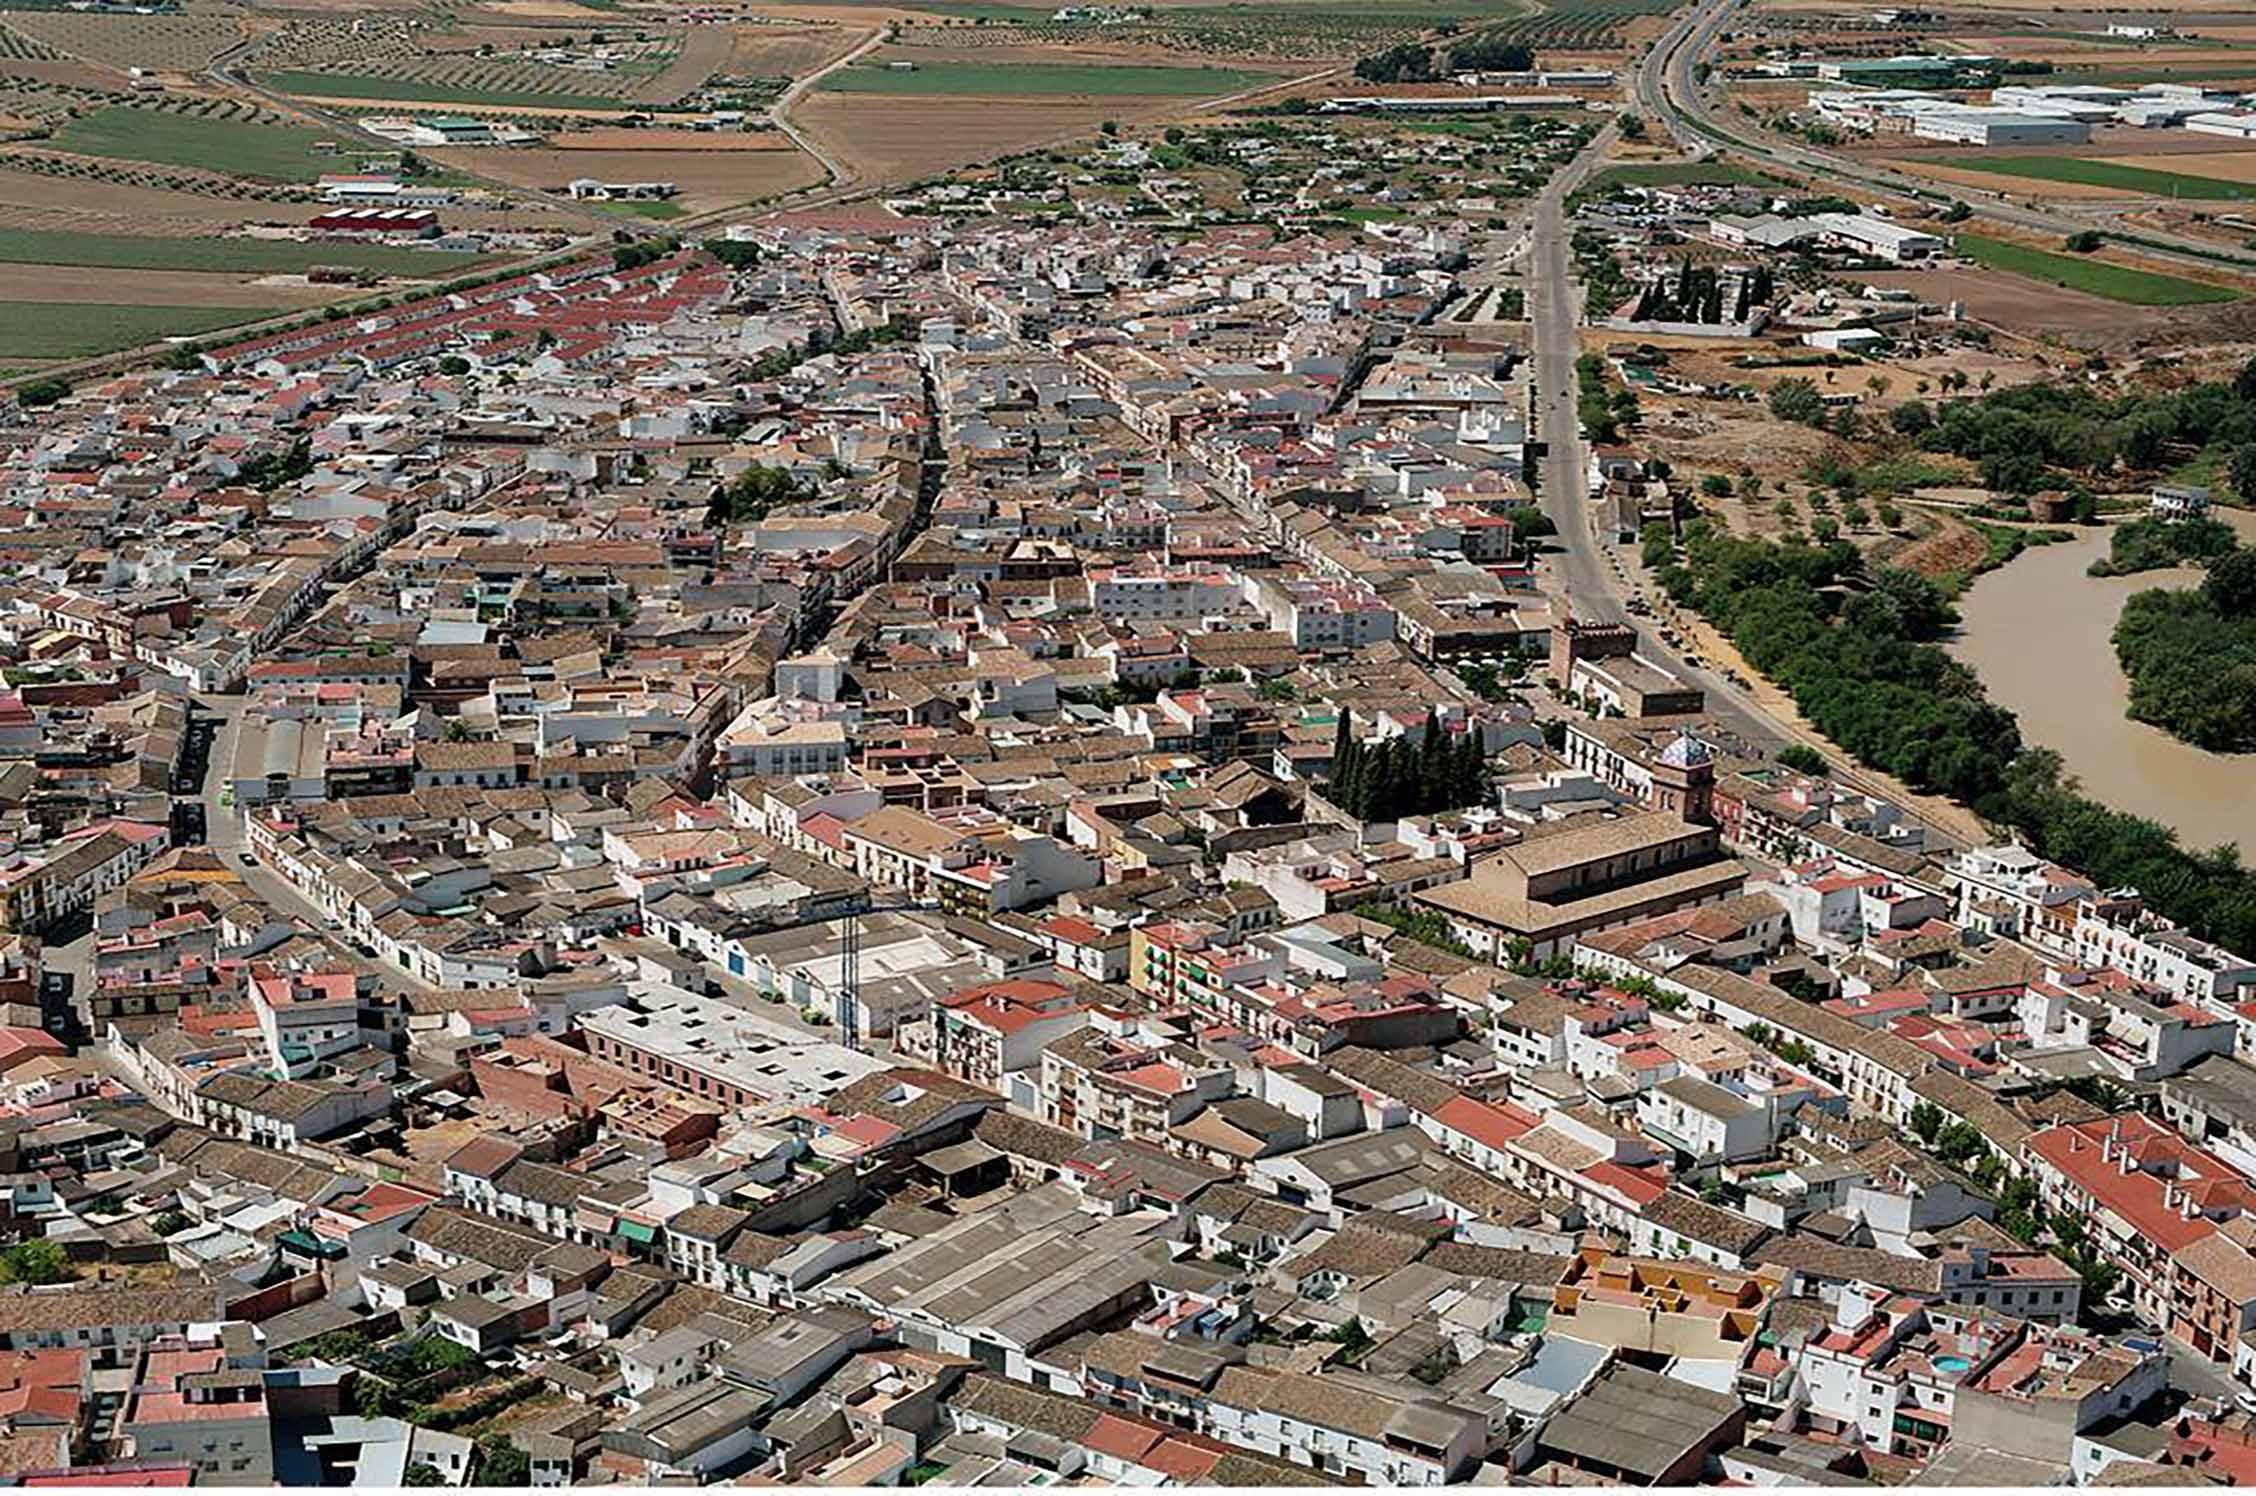 Vista aérea de Villa del Río